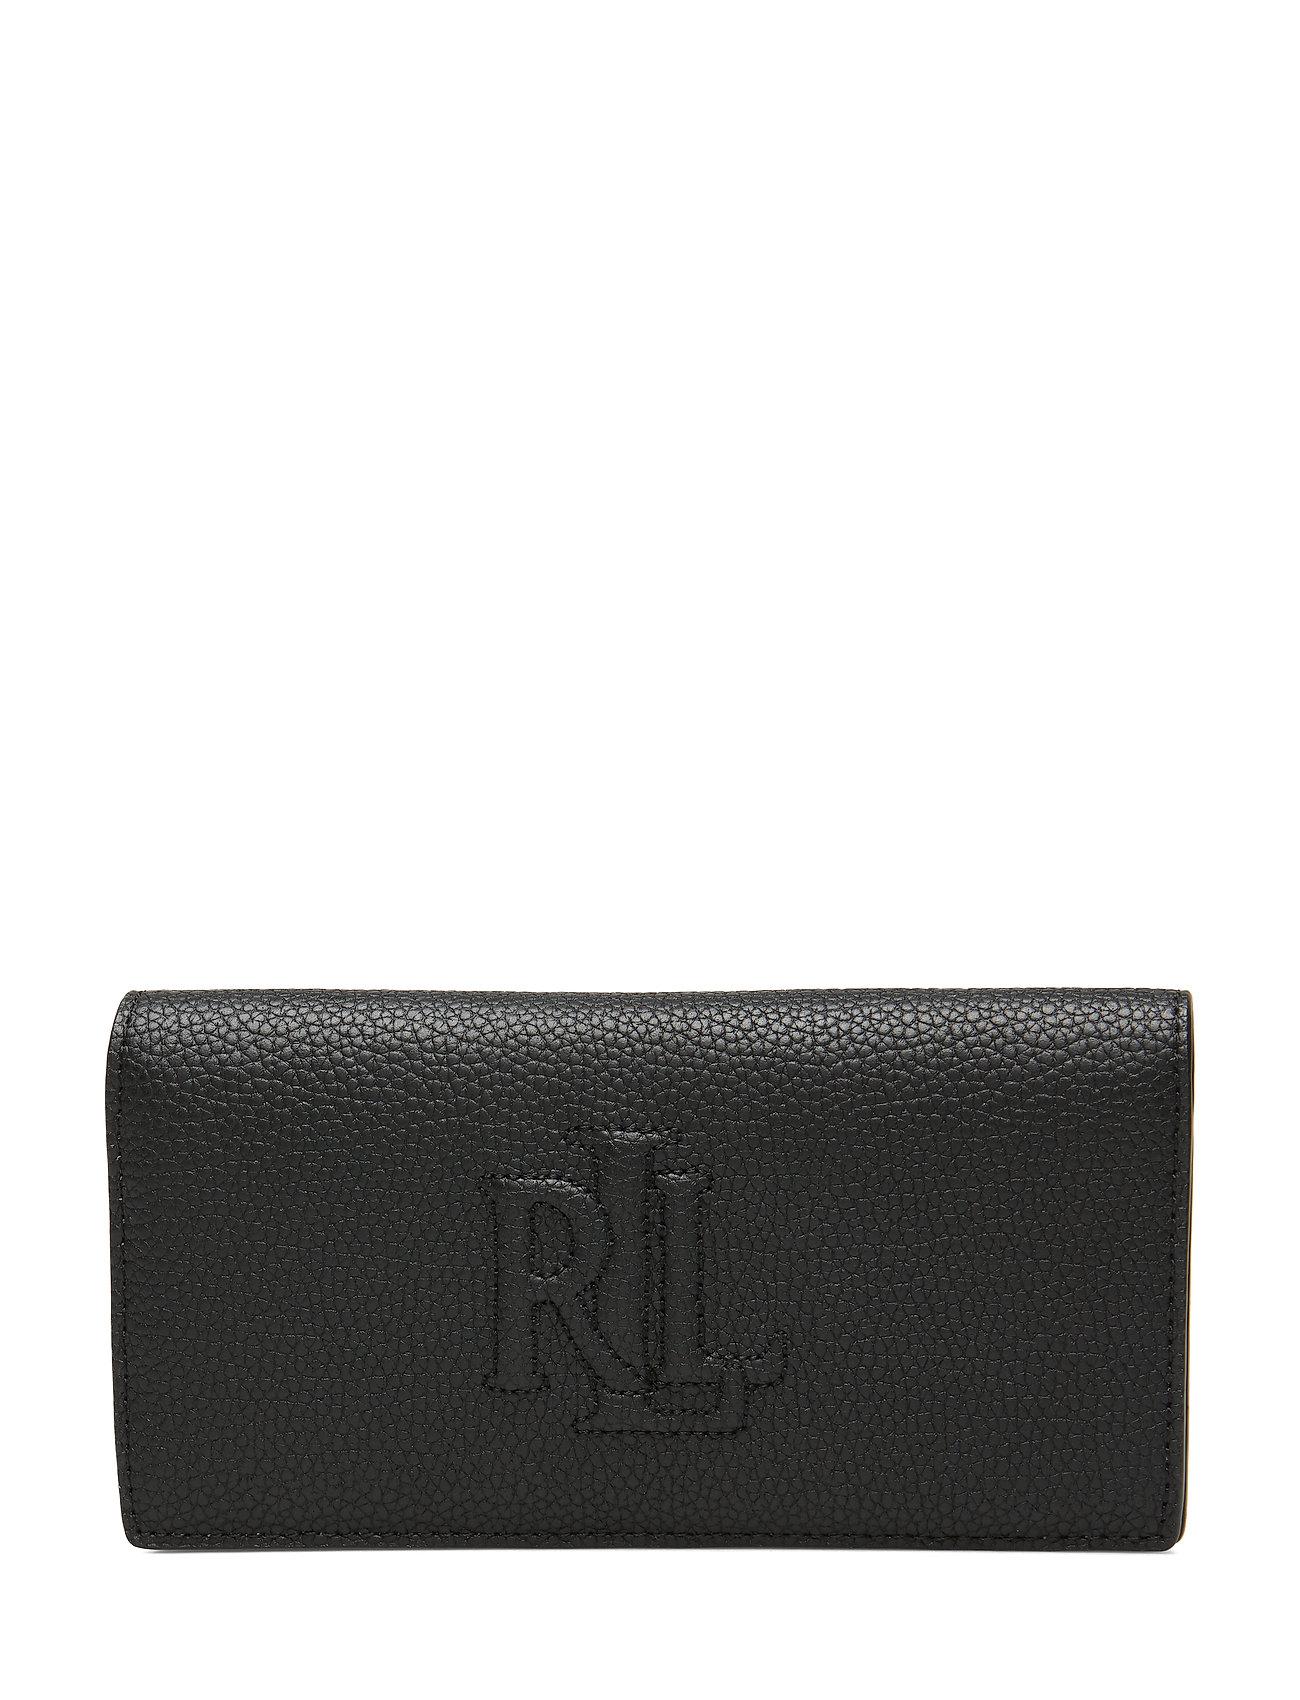 Lauren Ralph Lauren Slim Pebbled Leather Wallet - BLACK